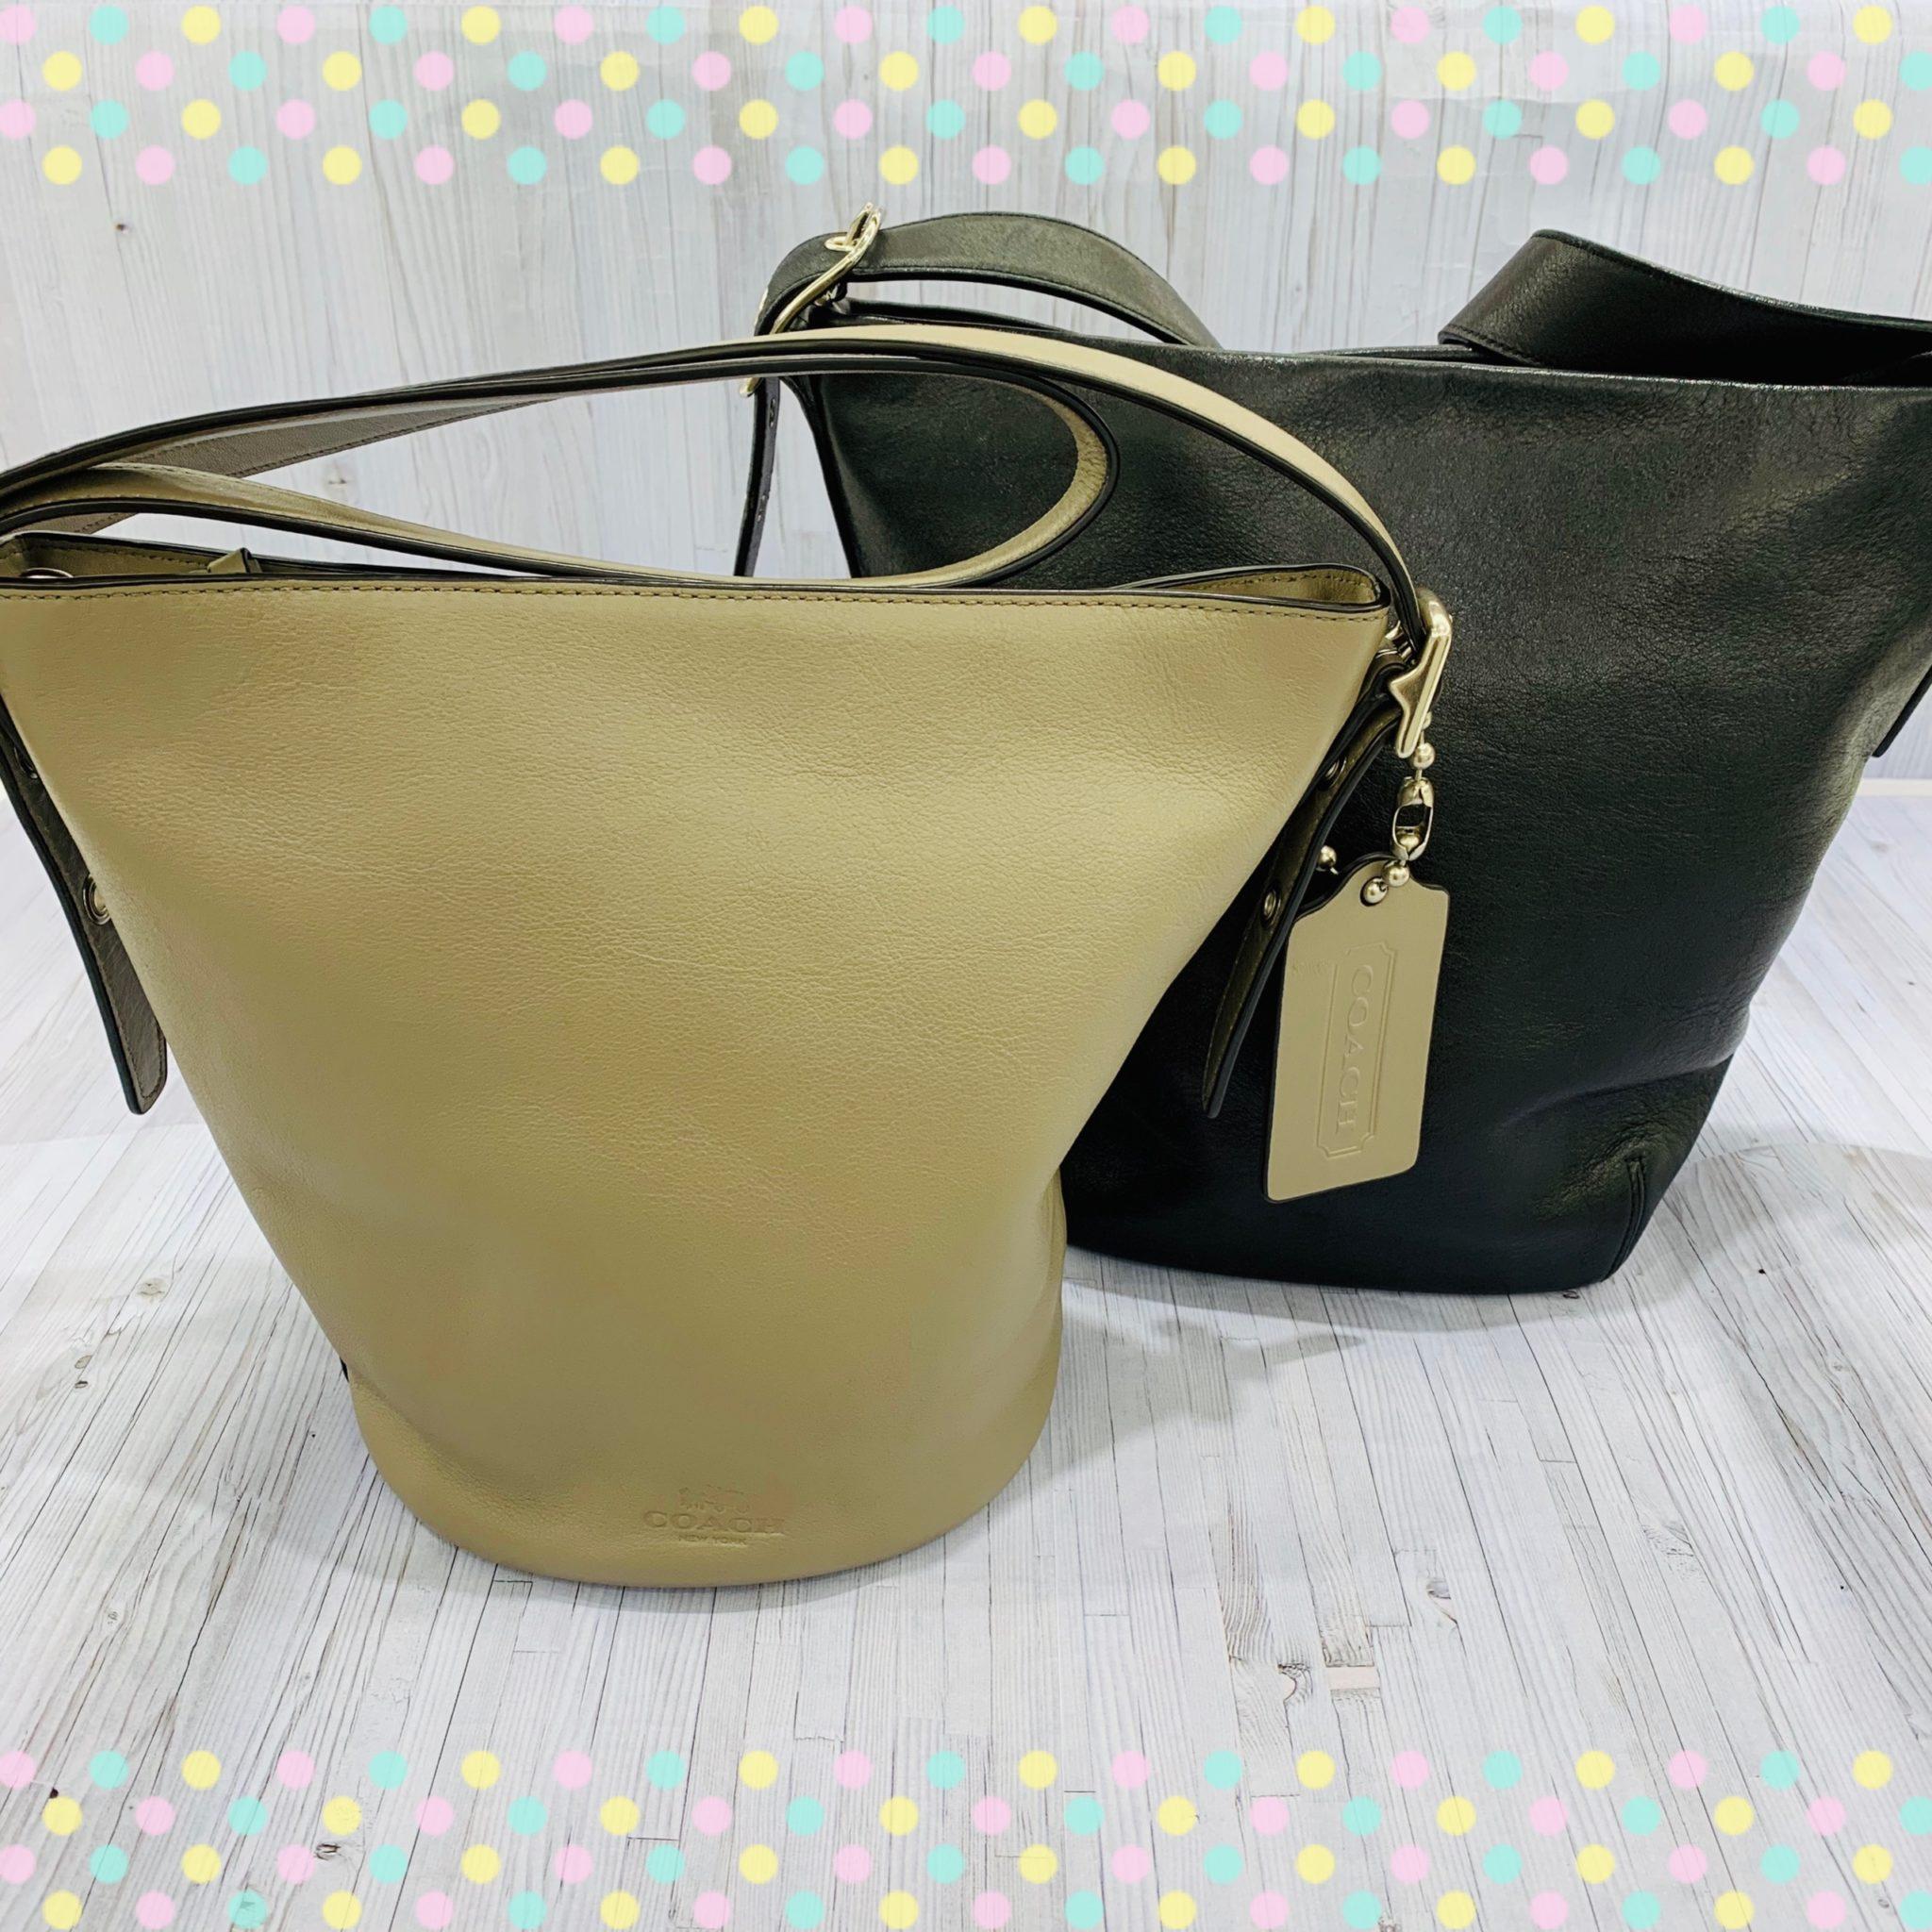 【中古 販売 盛岡】中古でも状態の良いお品物がいっぱい!普段使いにオススメ♡COACHのショルダーバッグ